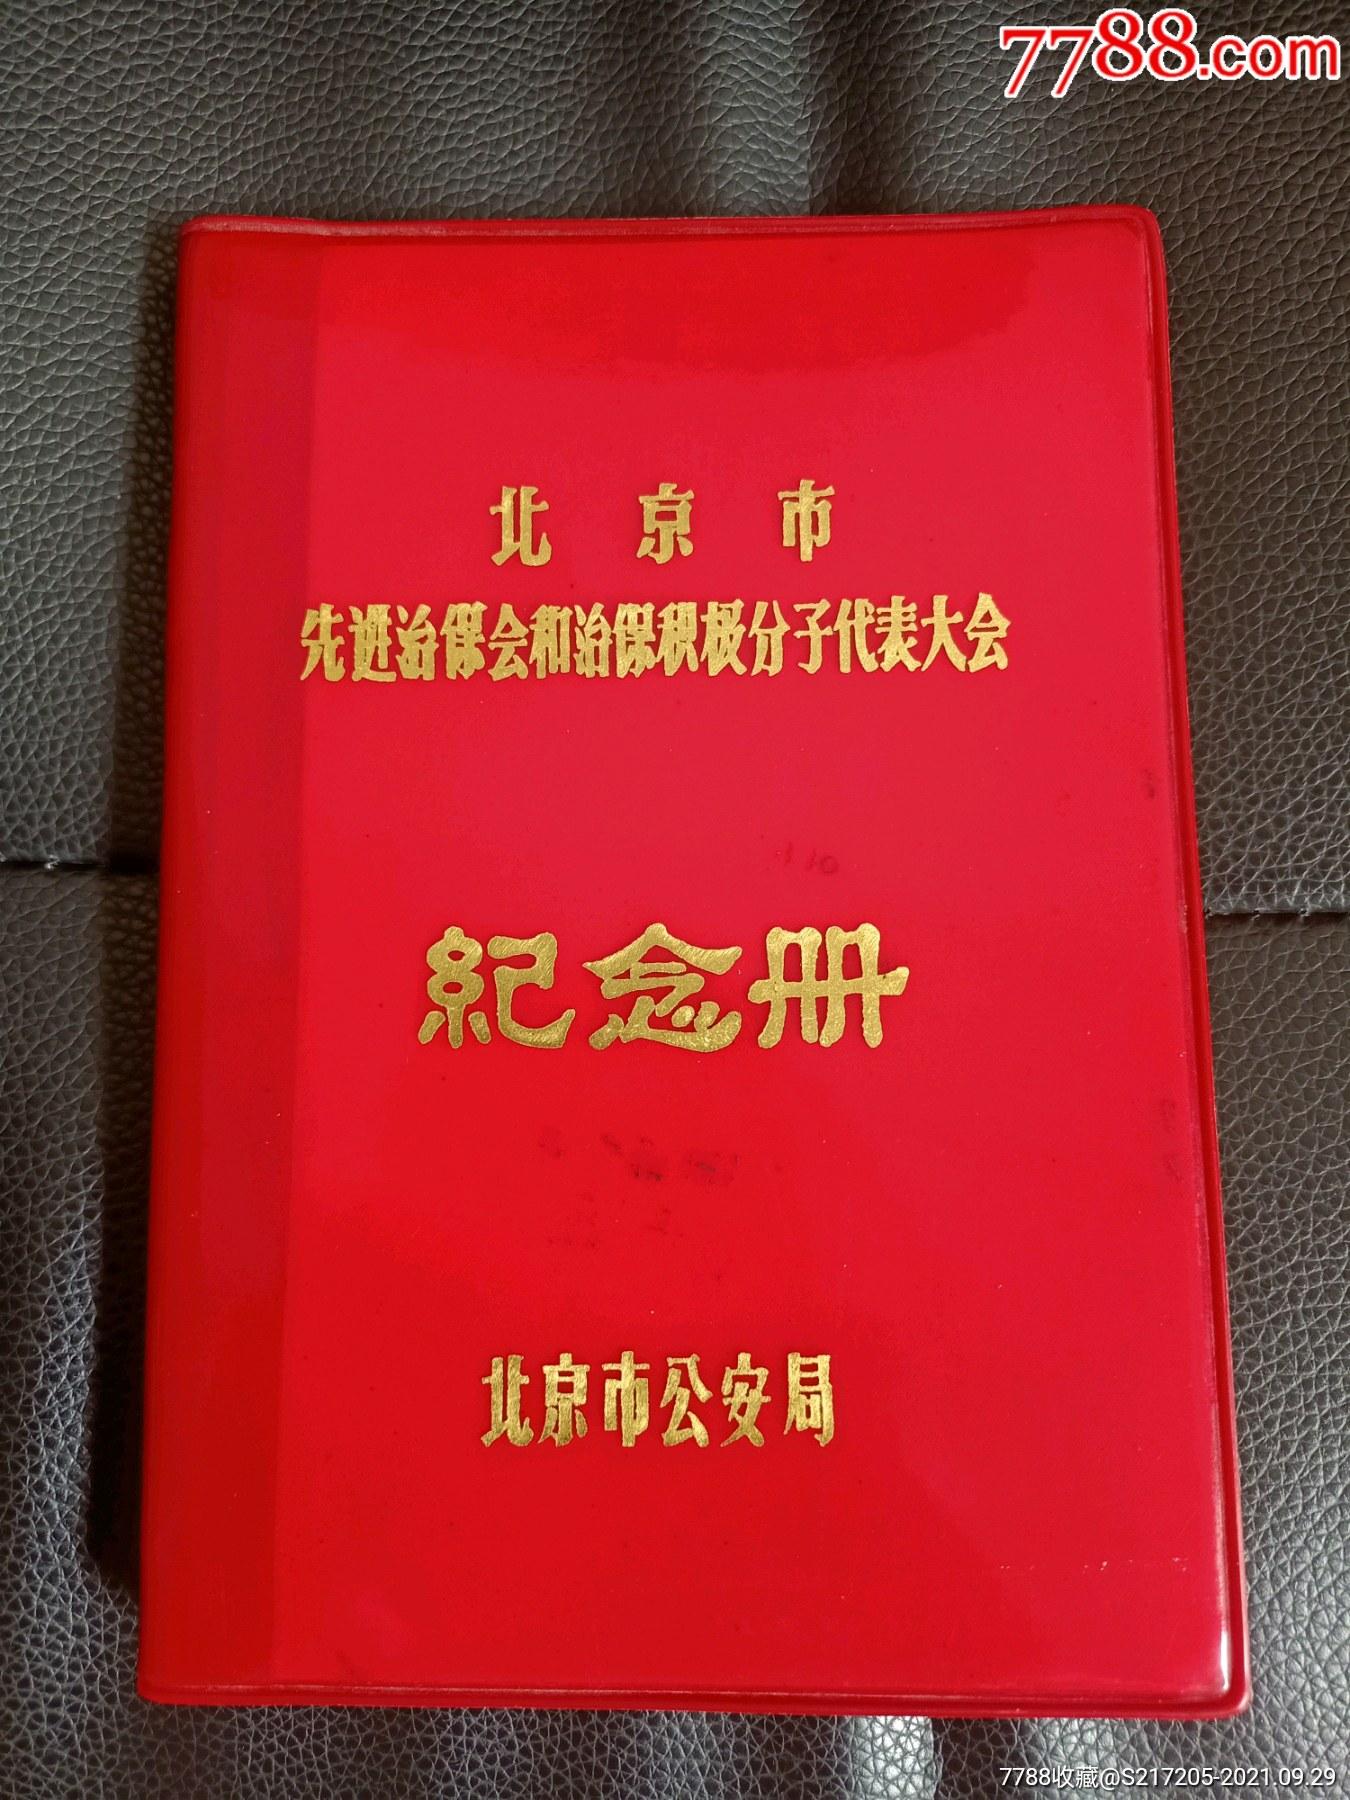 美品未用北京市*安局治保会和治保积极分子笔记本_价格50元_第1张_